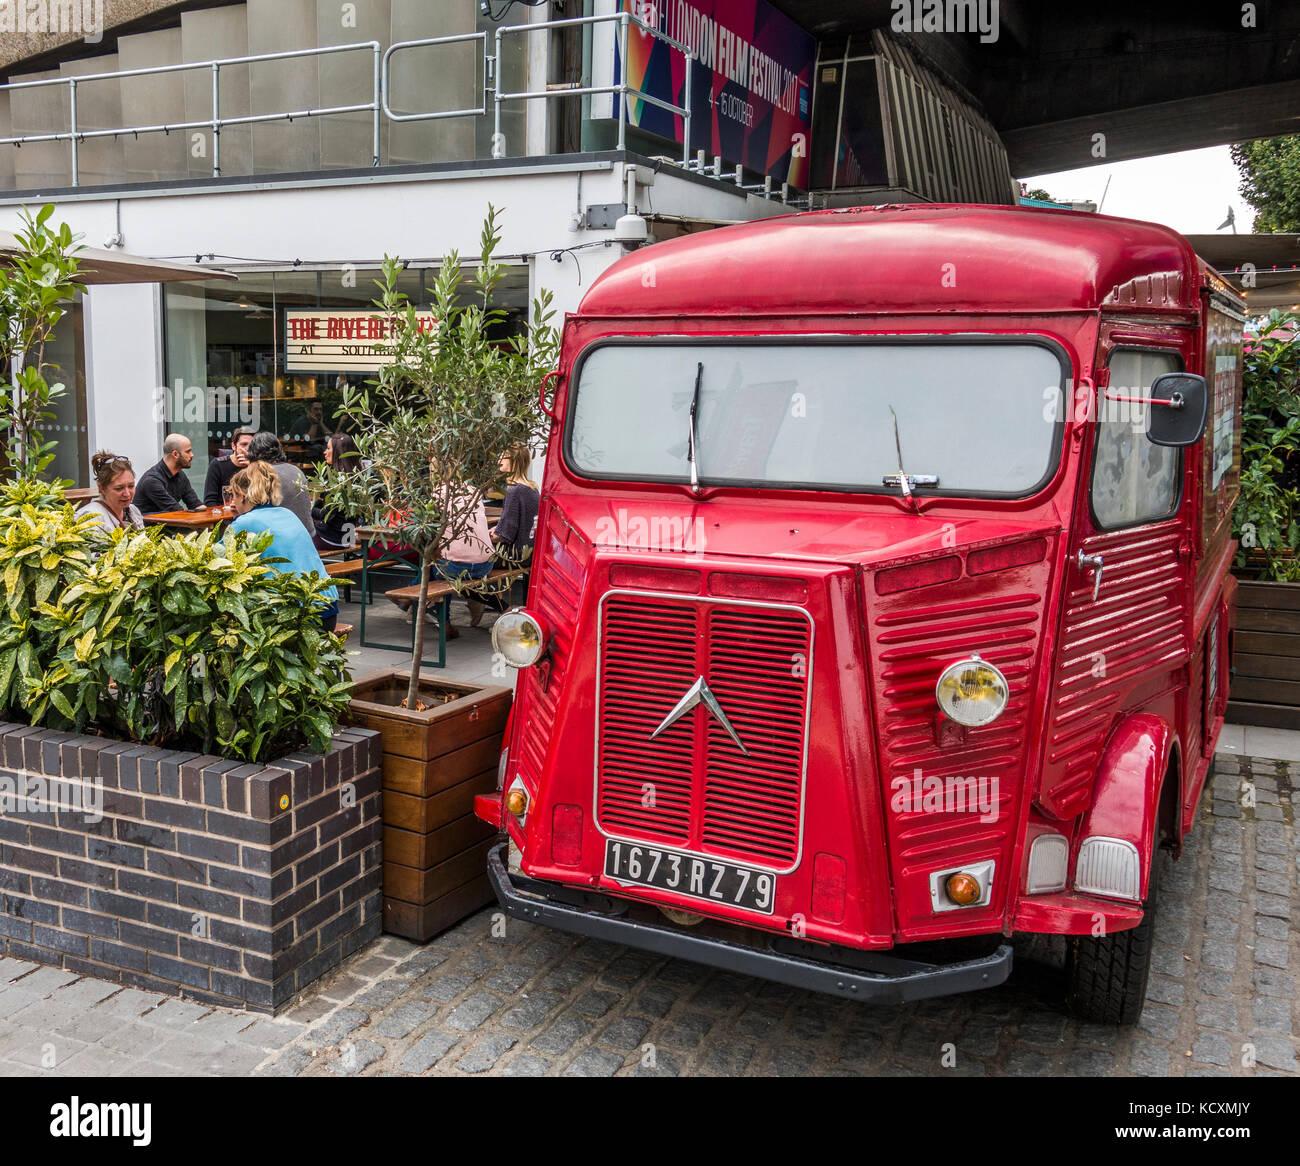 Un vintage Citroen H 135, peint en rouge et l'extérieur d'un bar / restaurant sur la rive sud, Londres, Angleterre, Royaume-Uni. Banque D'Images